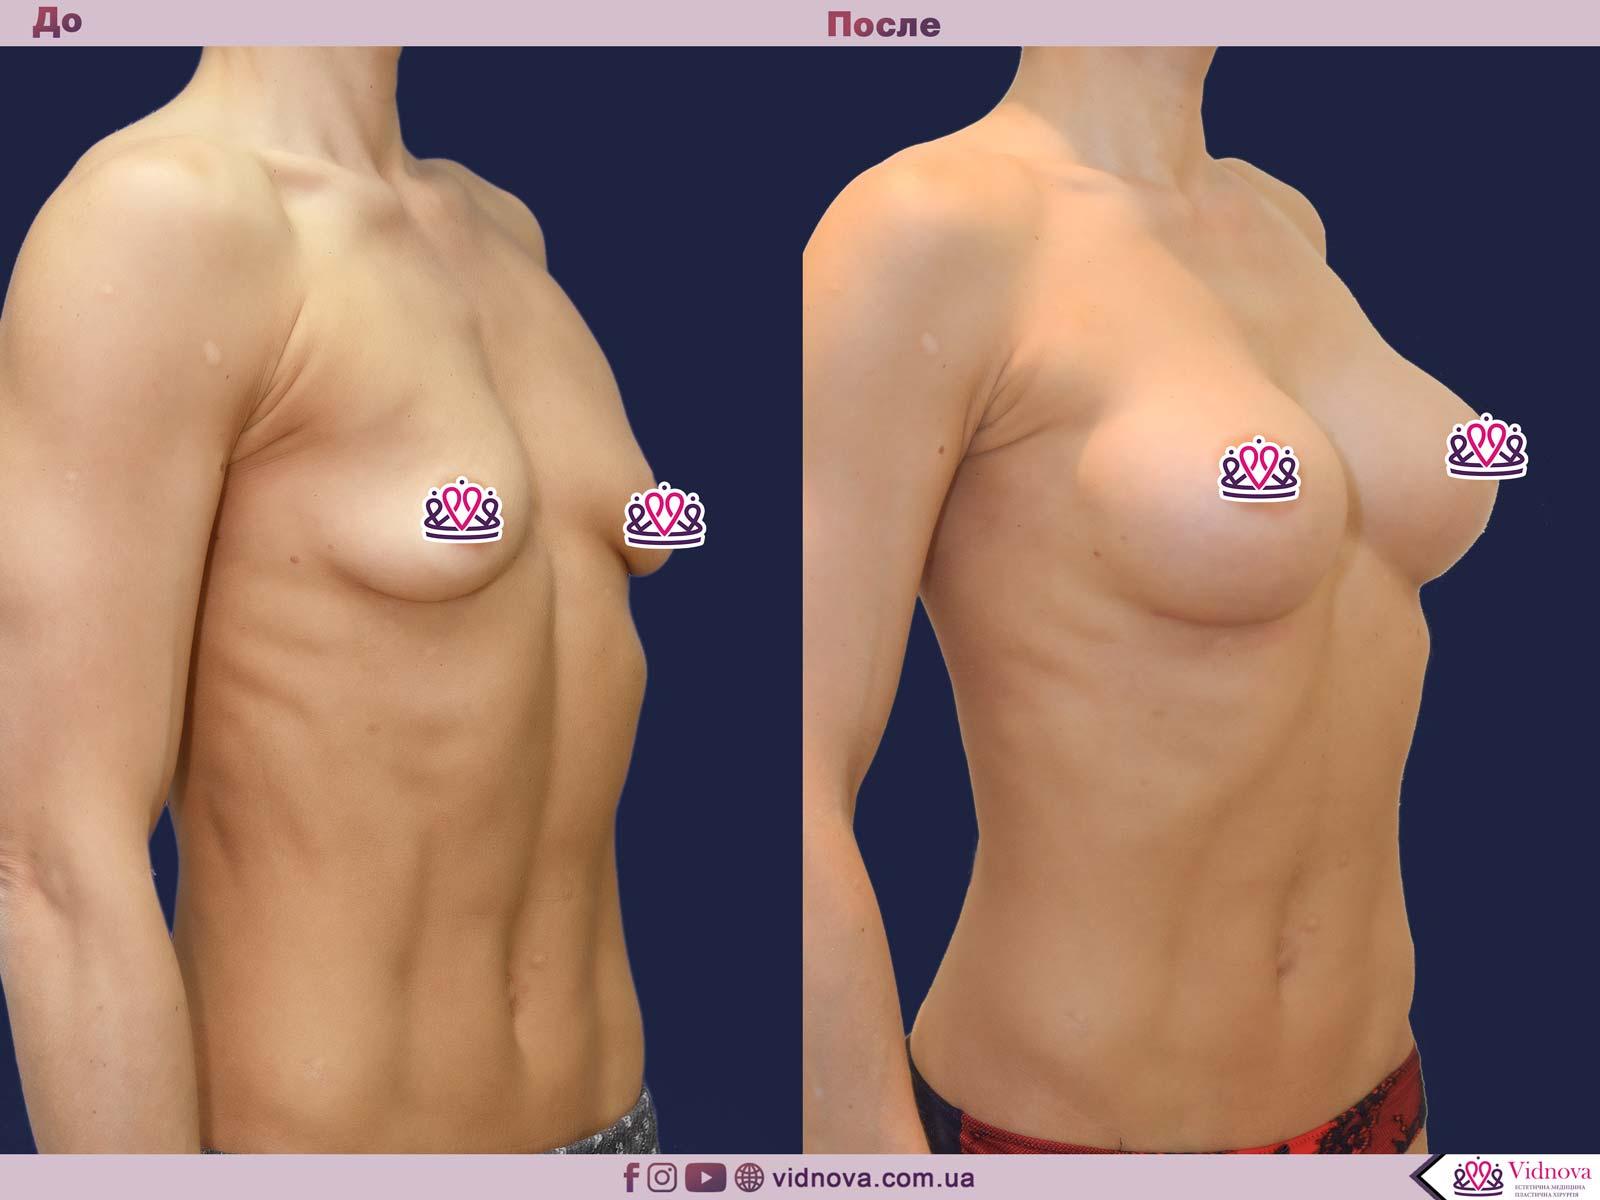 Пластика груди: результаты до и после - Пример №33-1 - Светлана Работенко